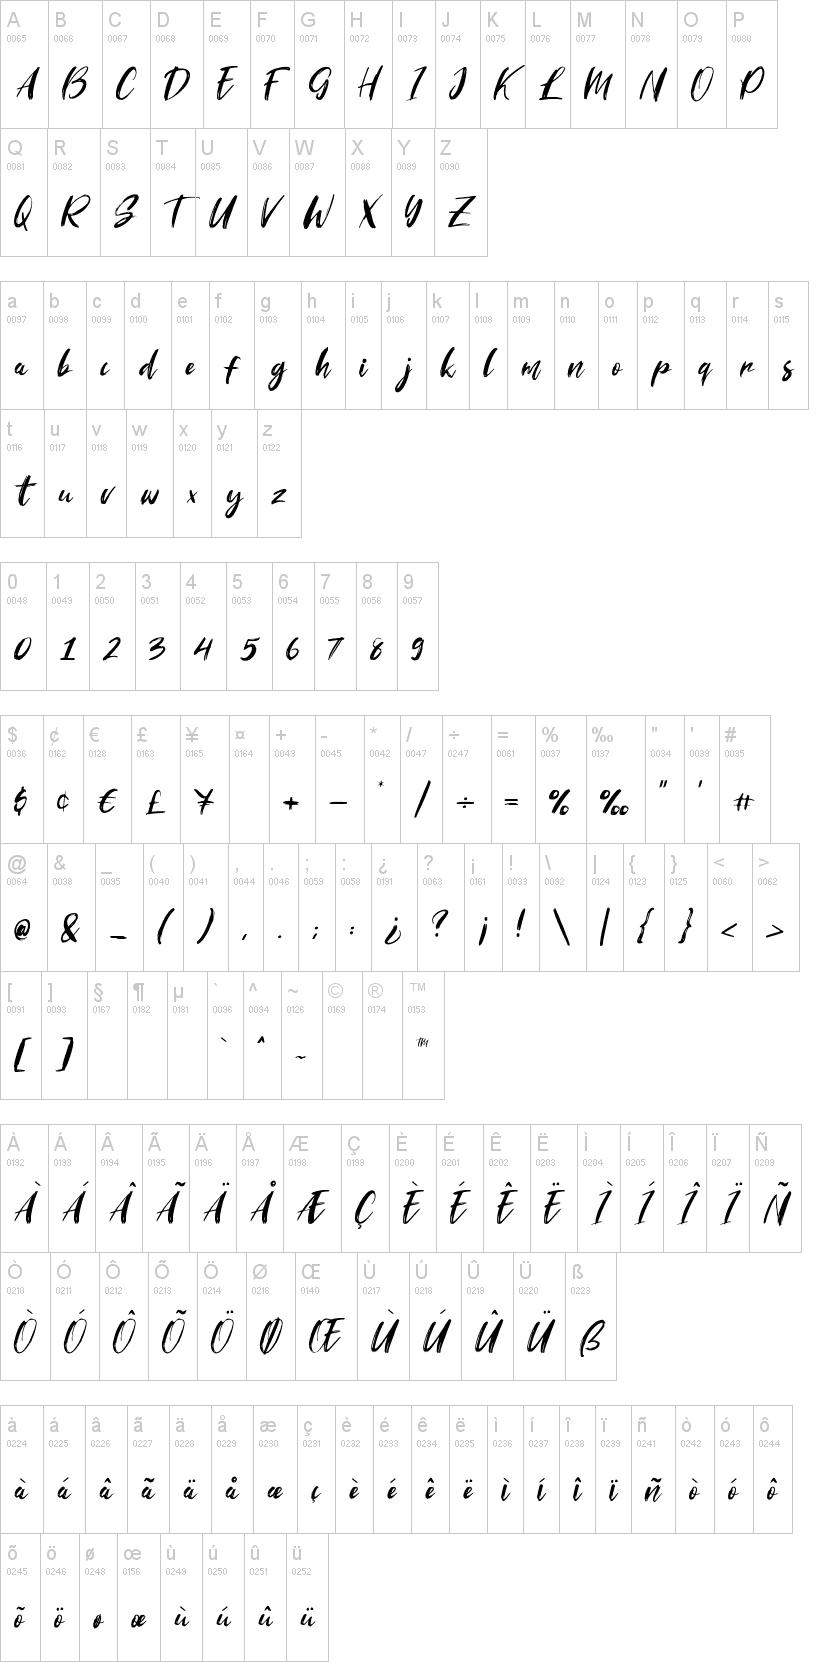 Striverx Font-1